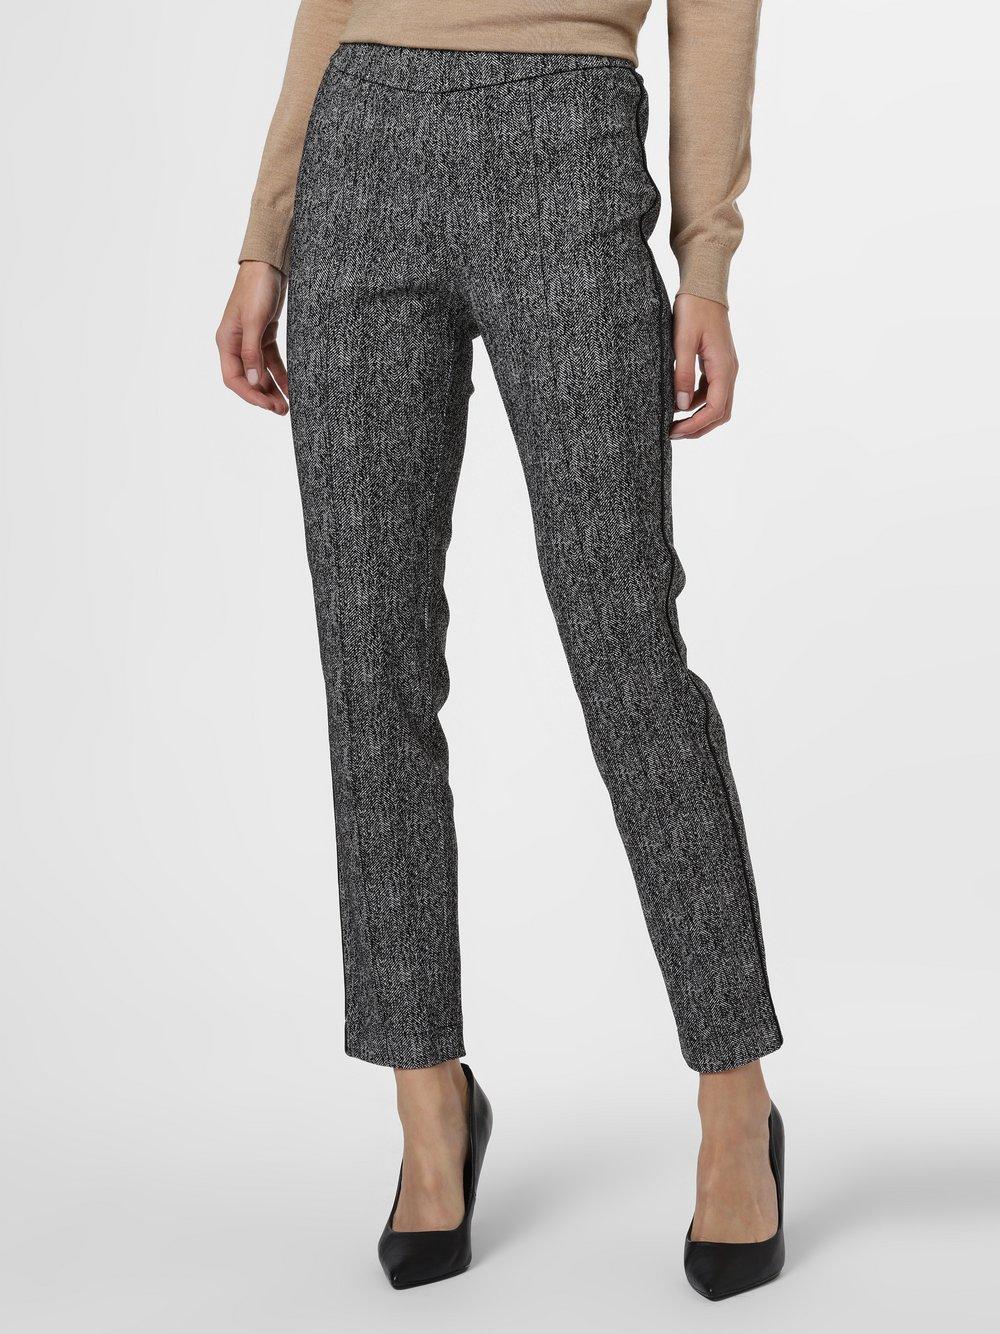 TONI – Spodnie damskie – Jenny, czarny Van Graaf 483331-0001-00440